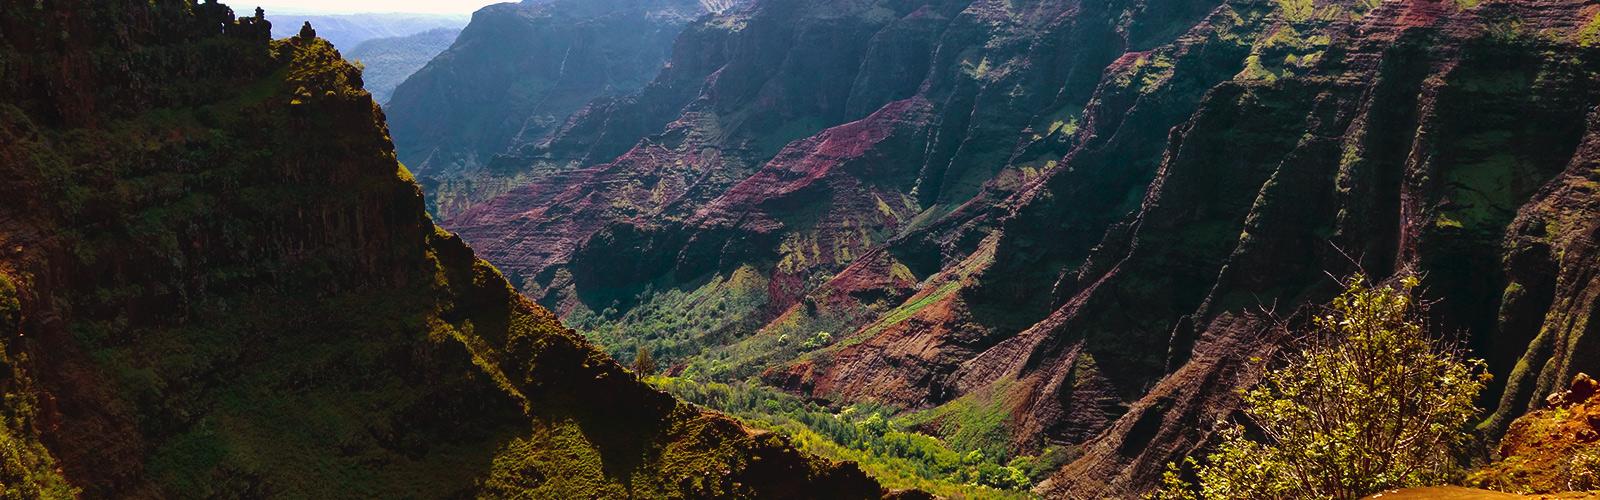 Tips for Hiking the Waimea Canyon Trail – Kauai